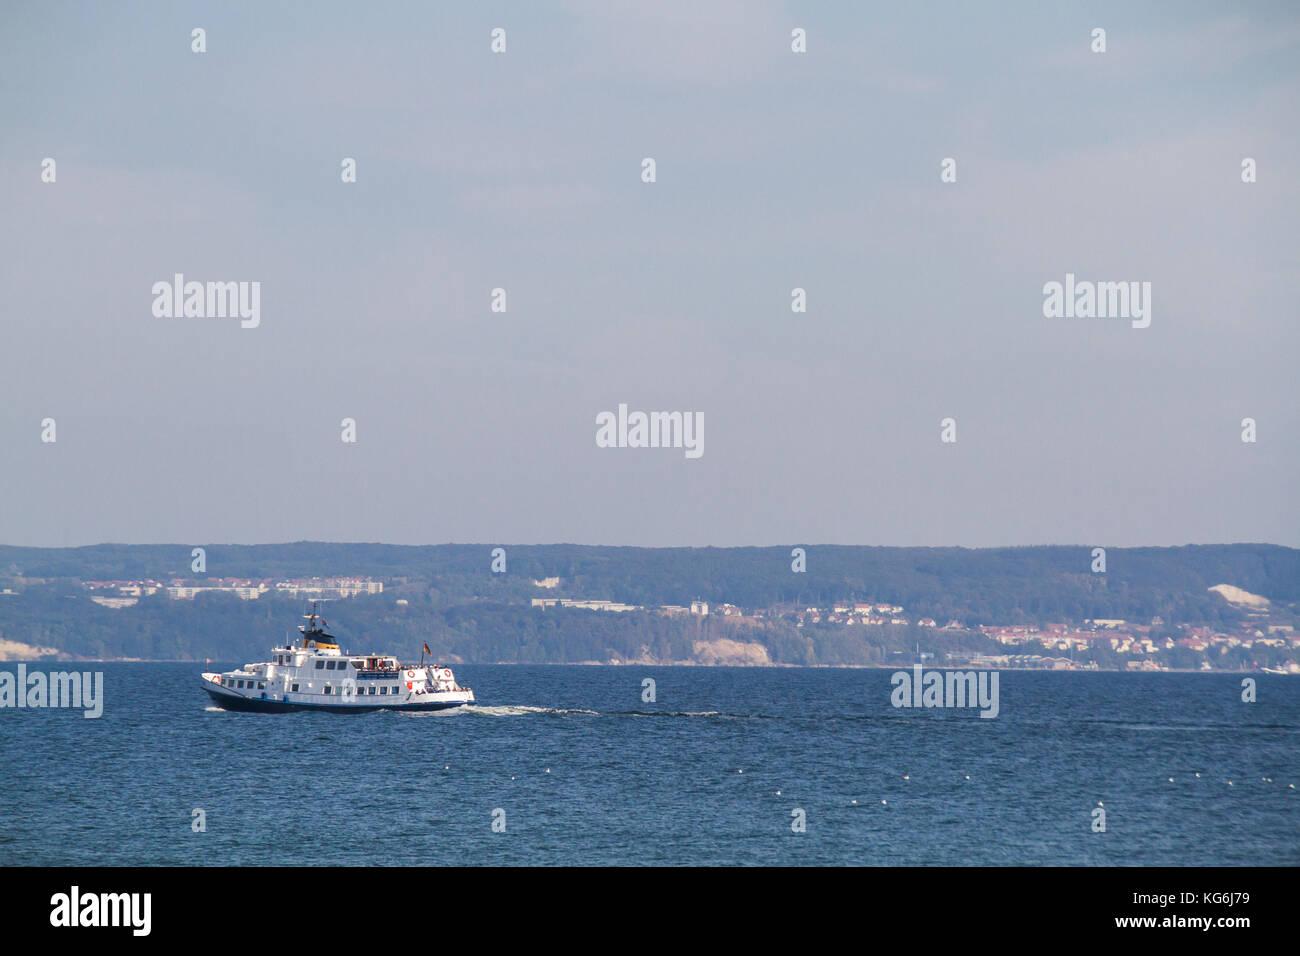 Ausflug mit dem Schiff - Stock Image